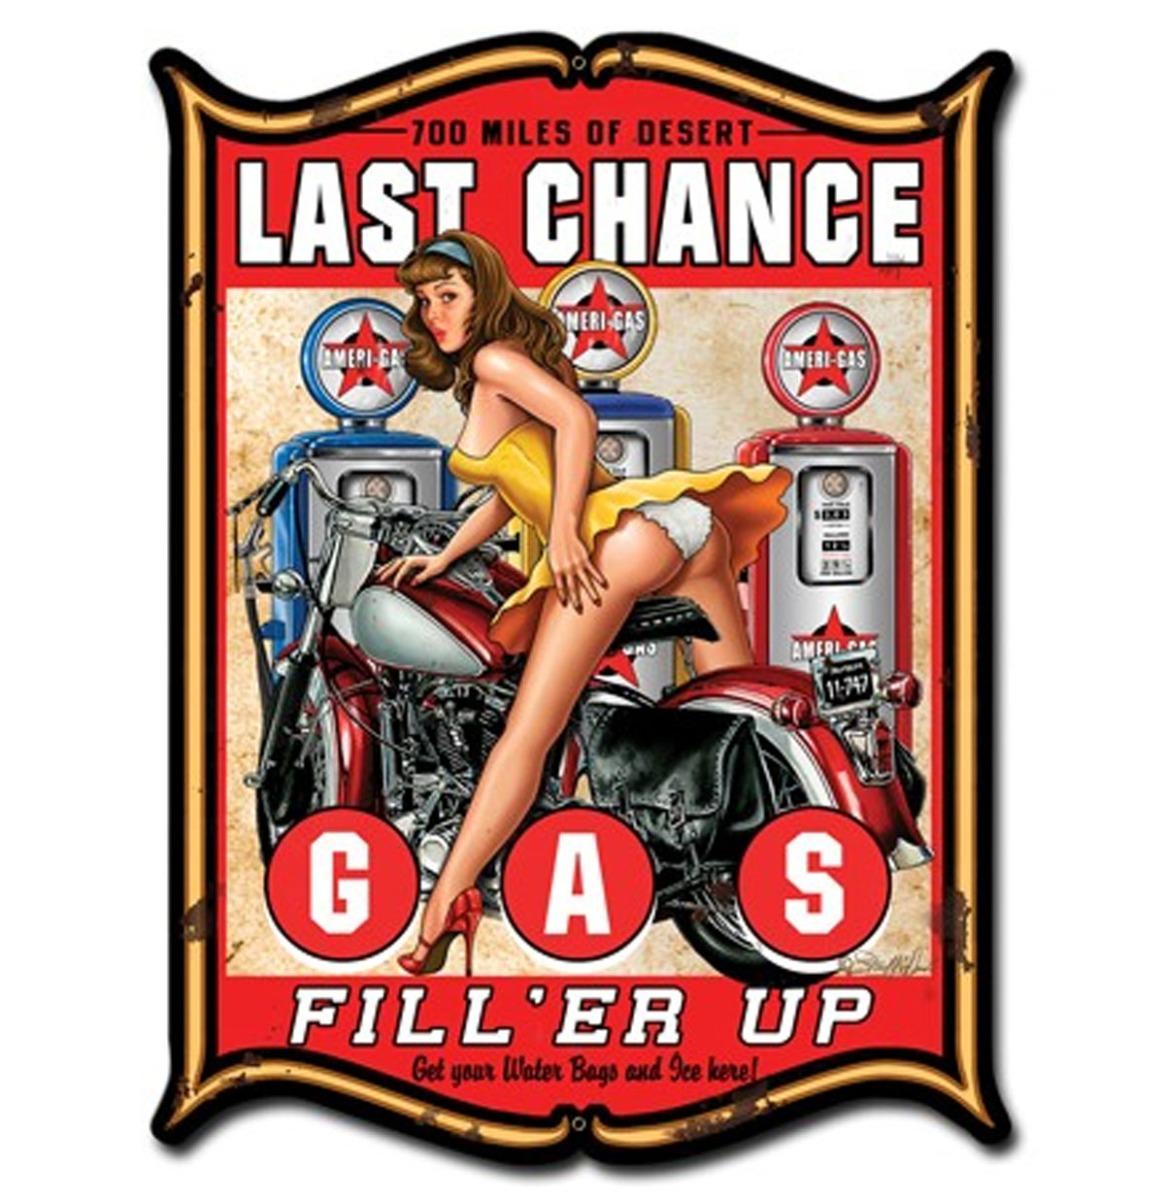 Last Chance Gas Fill 'Er Up Pin Up Zwaar Metalen Bord 48 x 35 cm